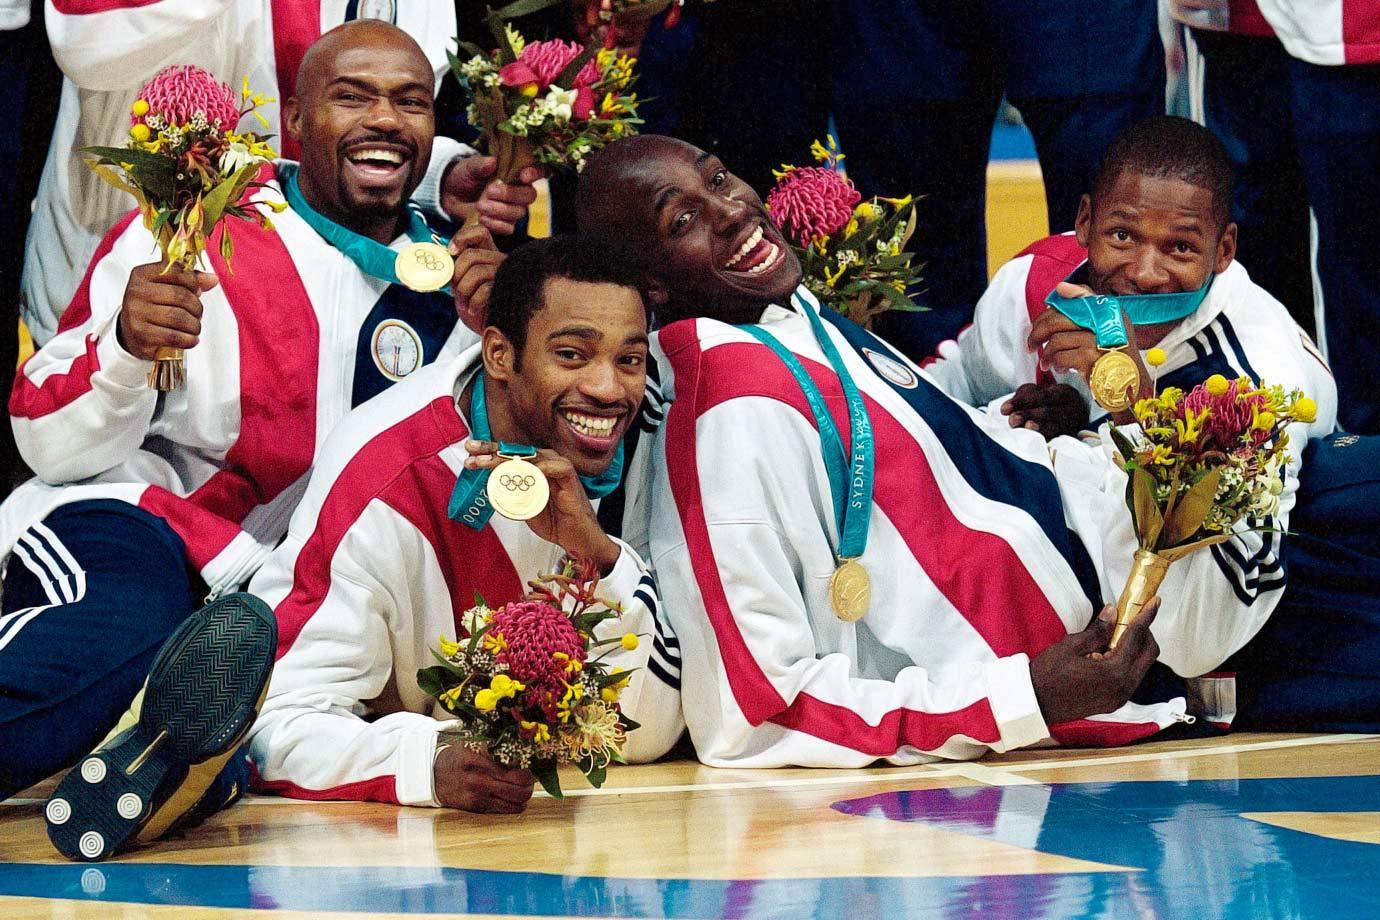 La Team USA, médaille d'or aux JO de 2000